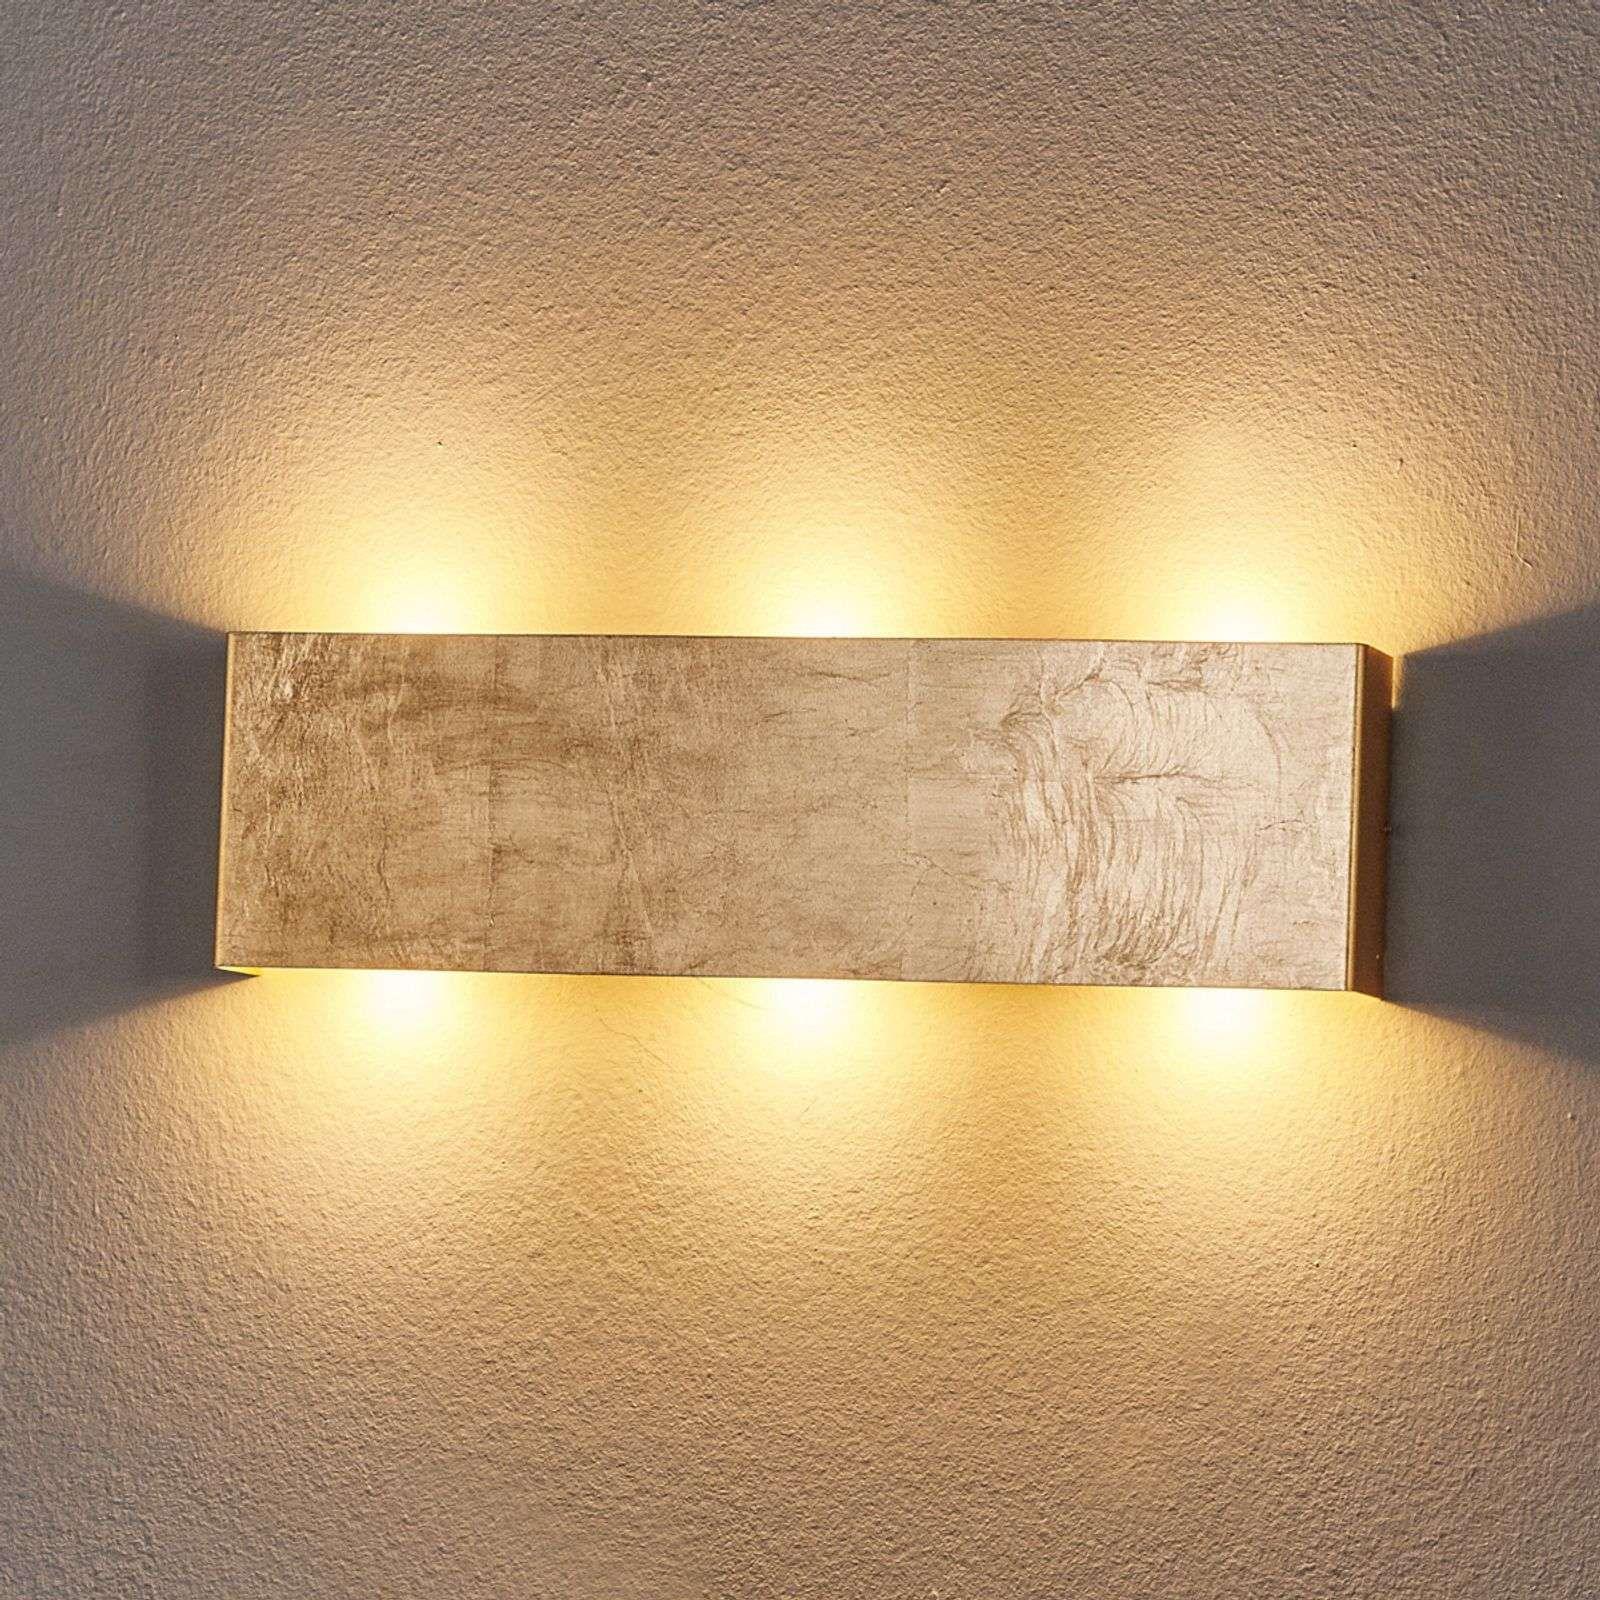 LUXE DEL plafond éclairage Gold-Noir éclairage Salon Chambre Lampe Variateur